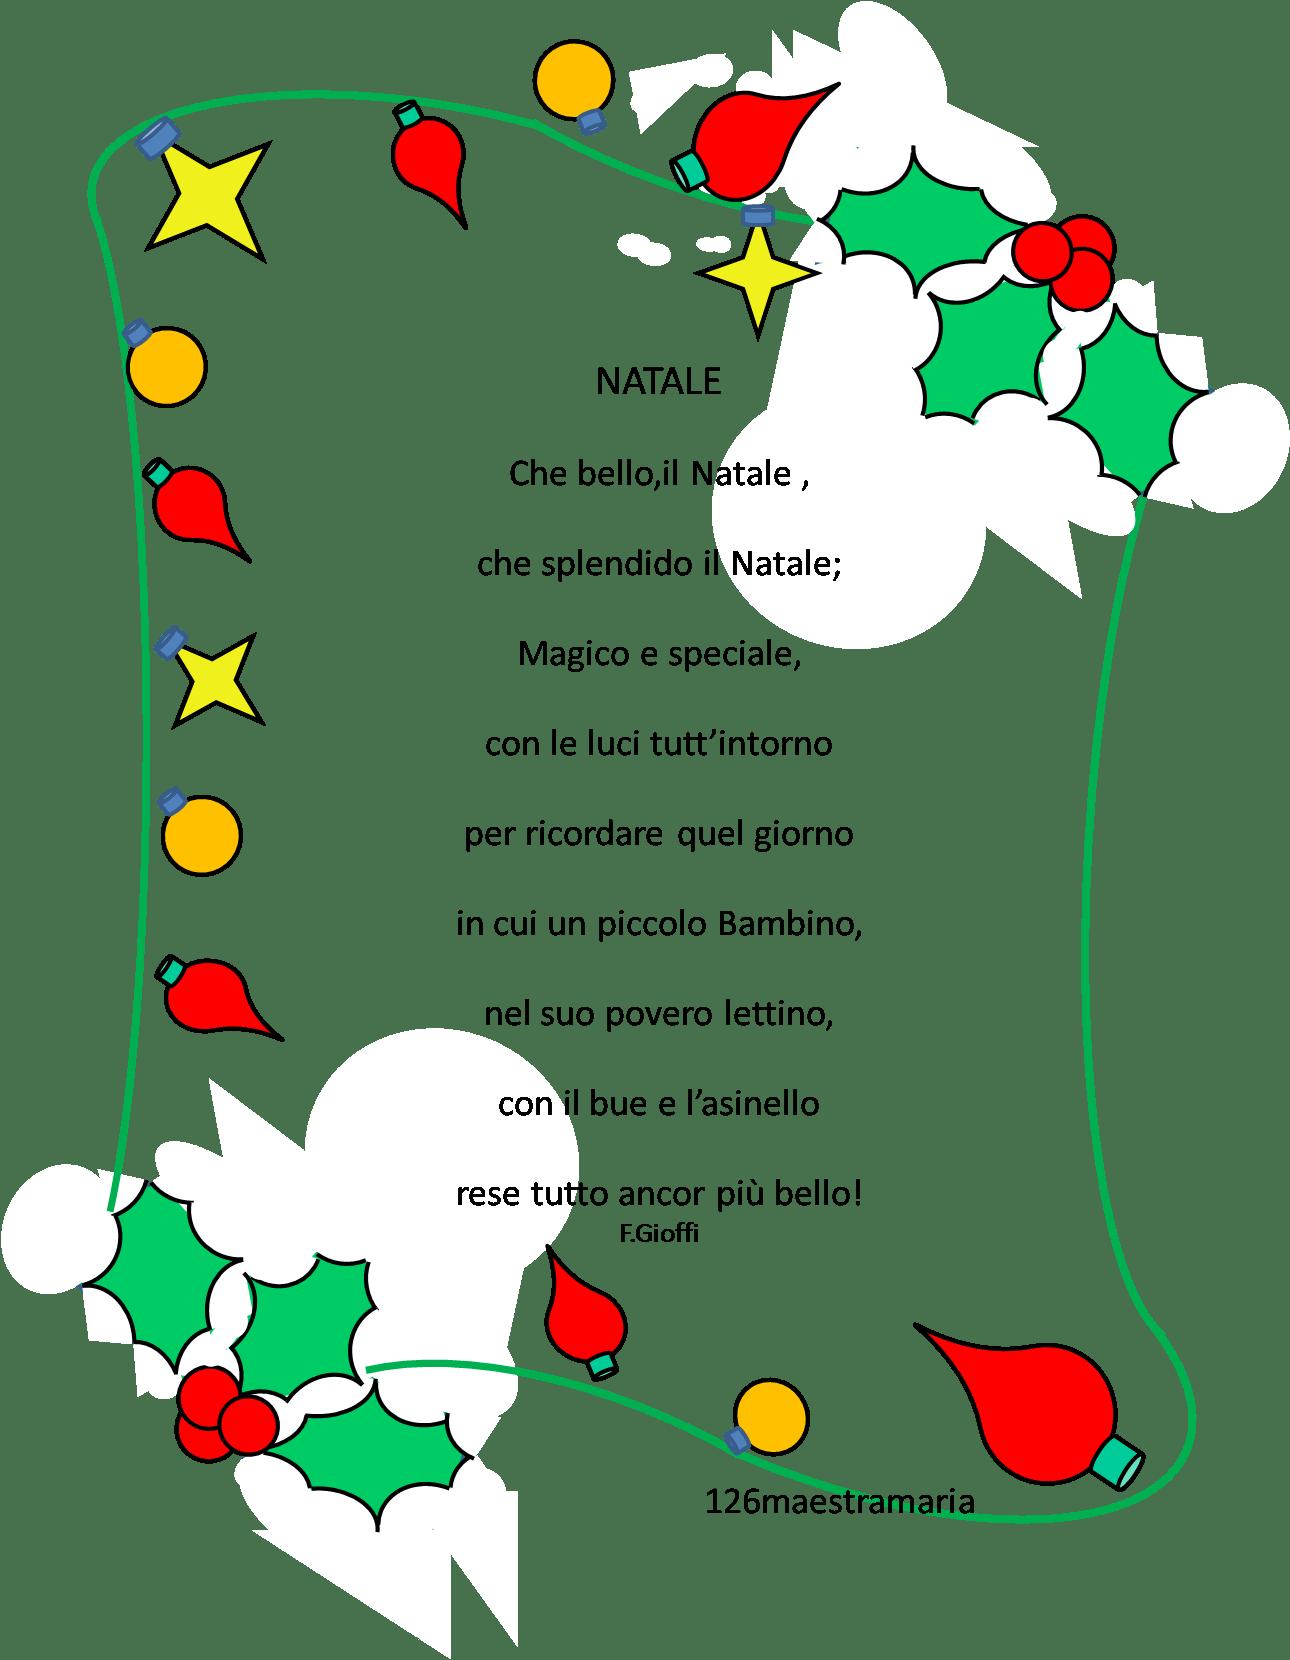 E un modo per imparare a conoscere gli autori. Poesie X Natale Bambini